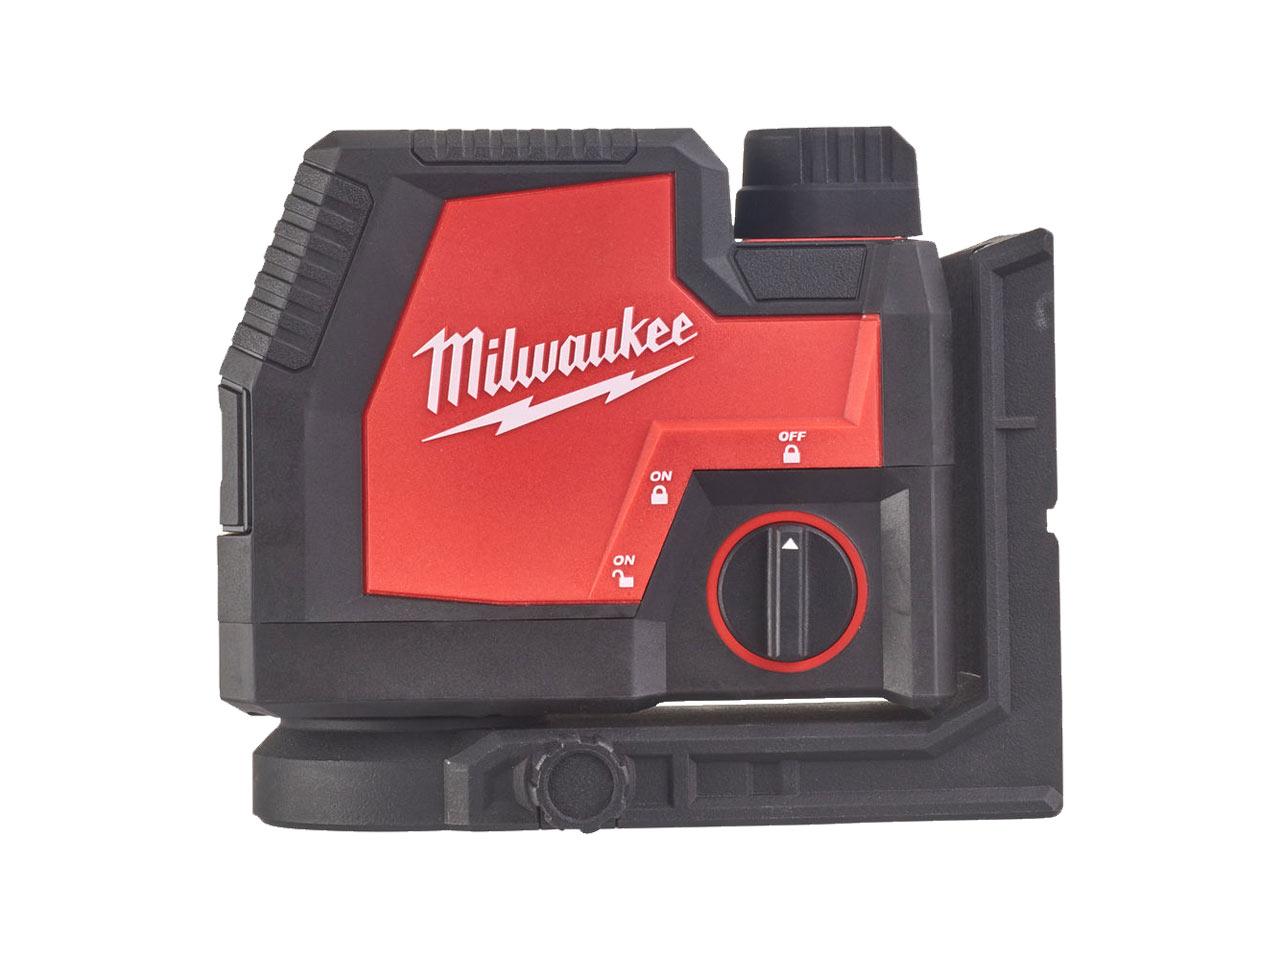 Milwaukee_4933478243.jpg